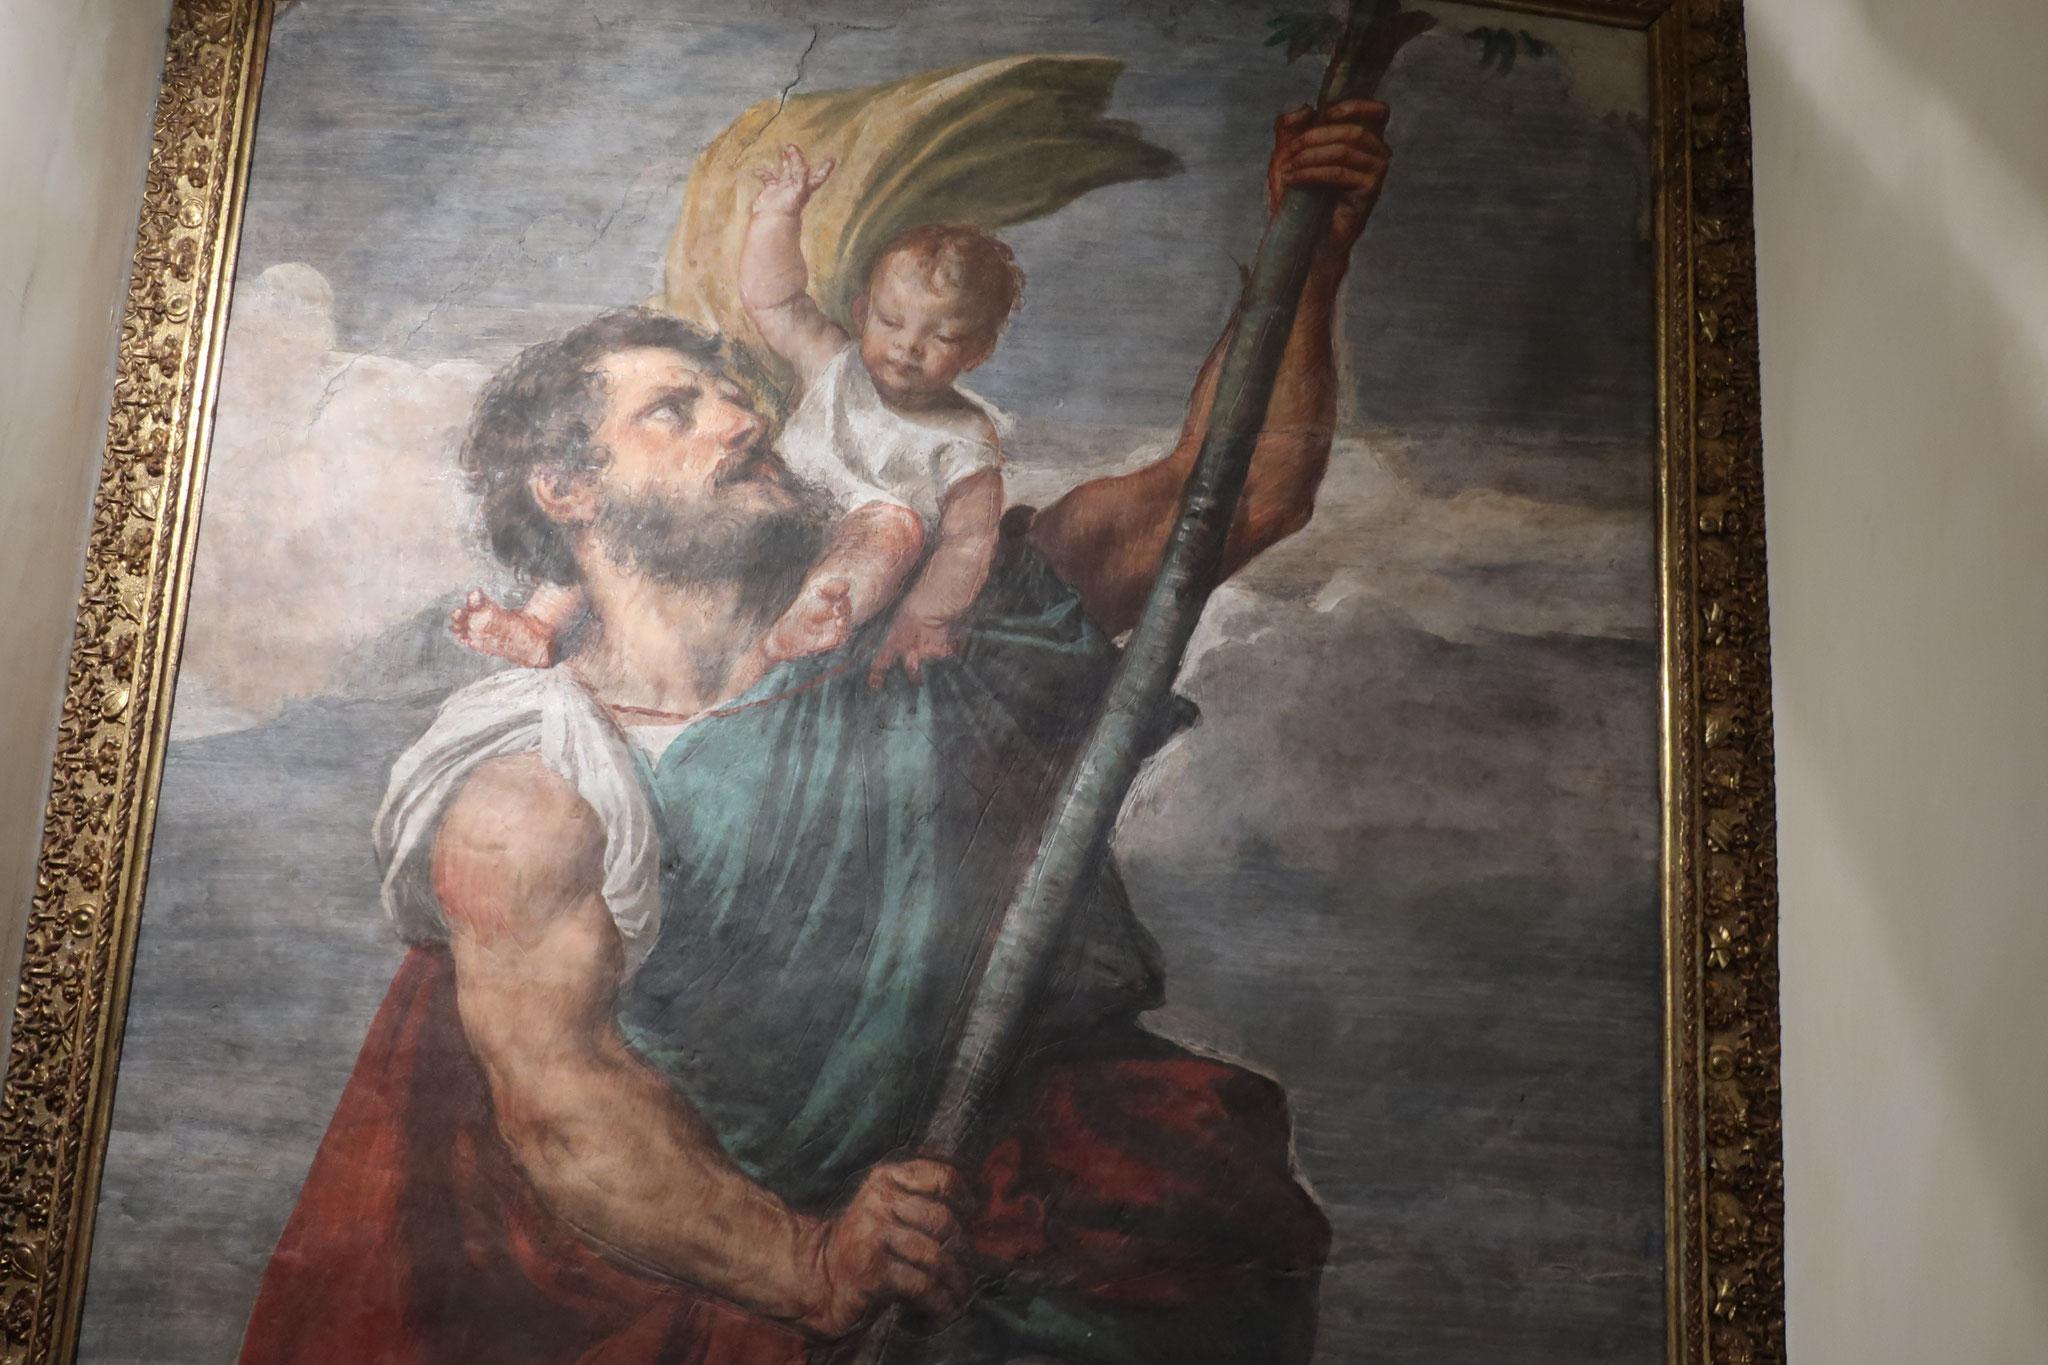 ティツィアーノのフレスコ画  「増水した河を渡る聖クリストフォーロ」